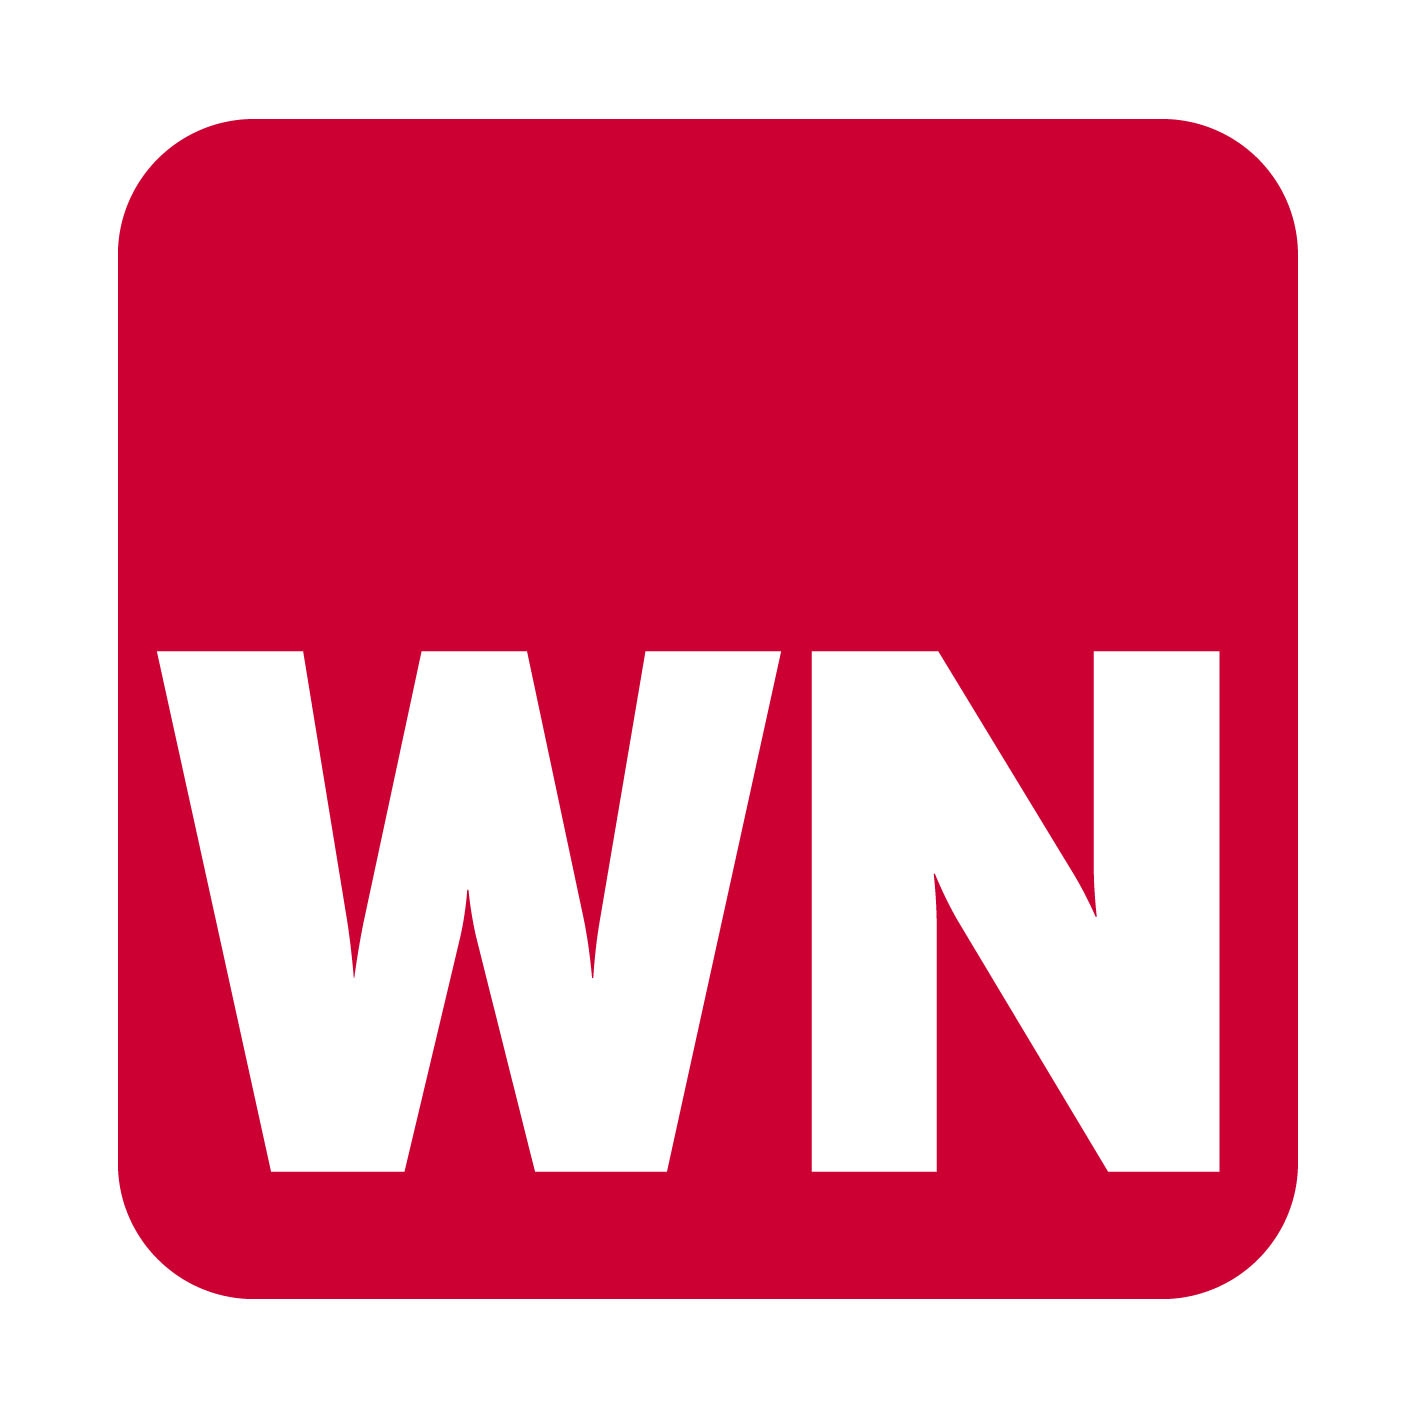 Ost Nachrichten & Osten News | Westfälische Nachrichten